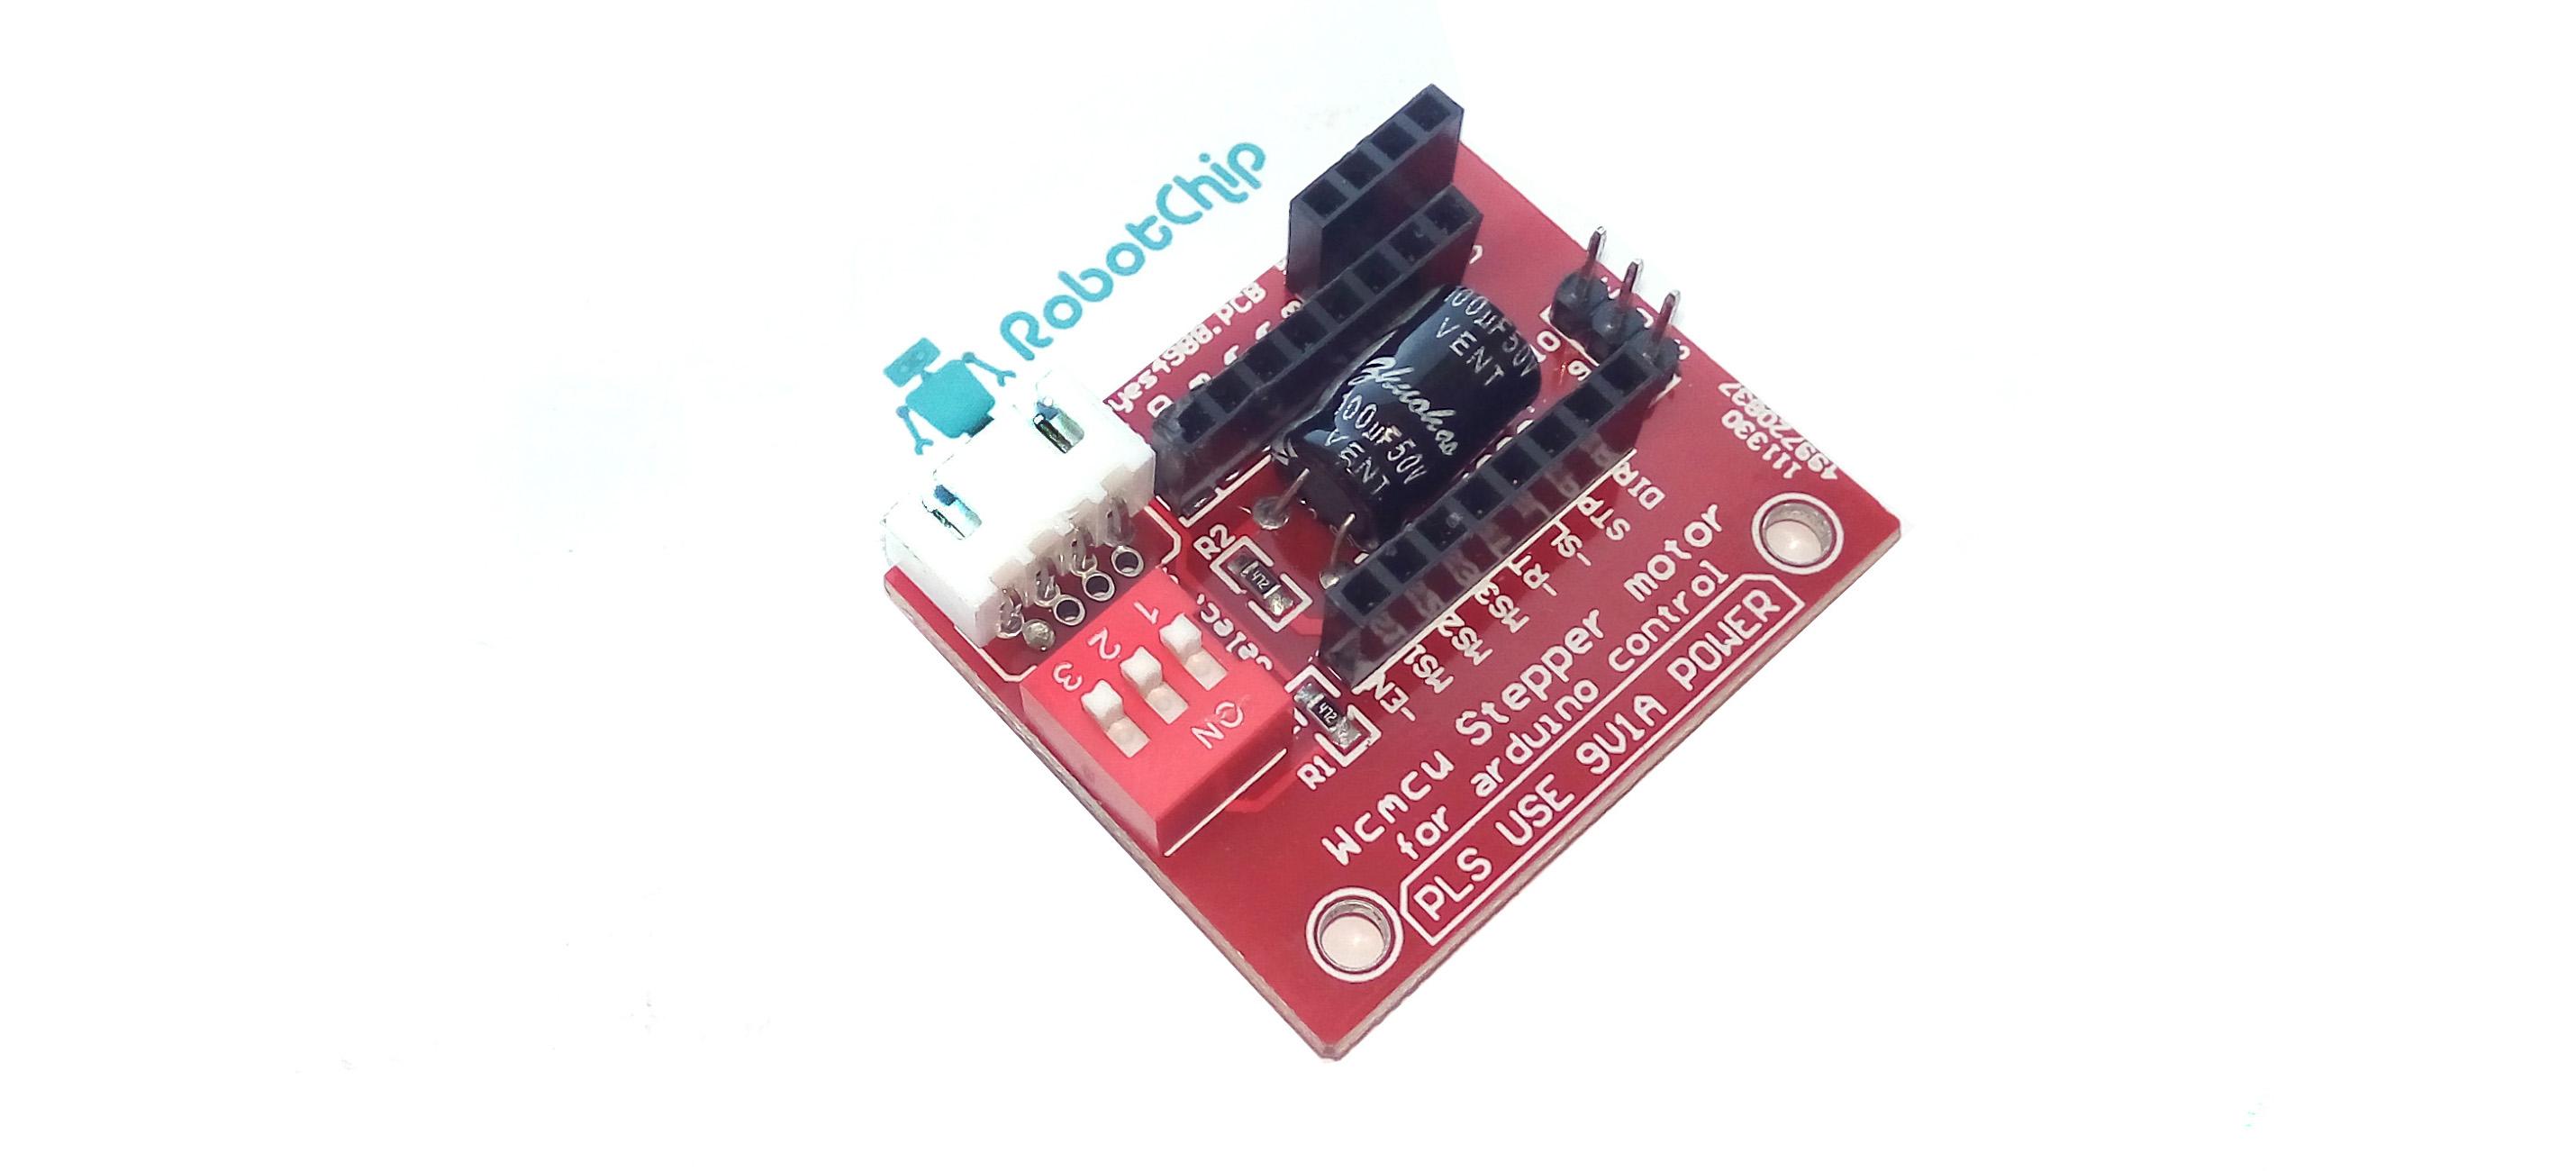 Адаптер для драйвера A4988 и DRV8825